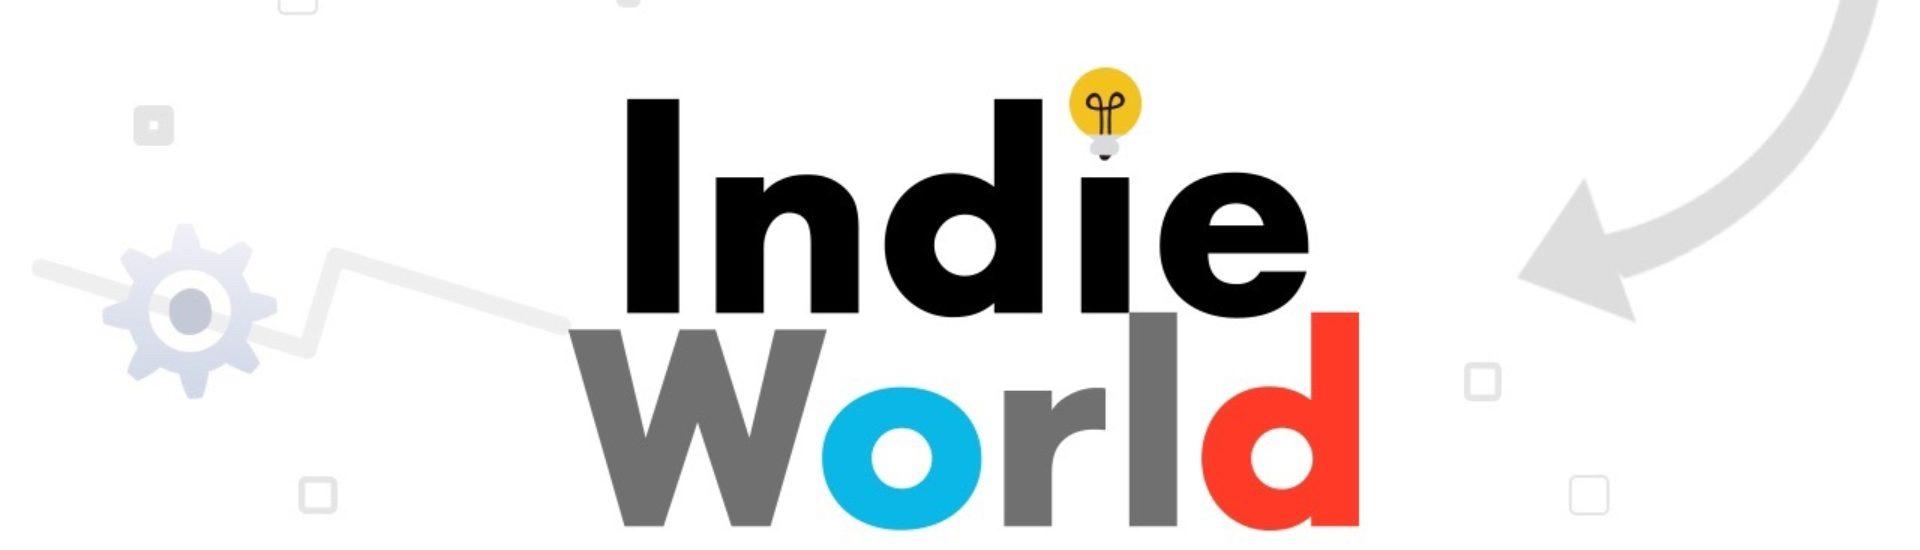 Nintendo Direct angekündigt – Im Fokus stehen Indie-Games